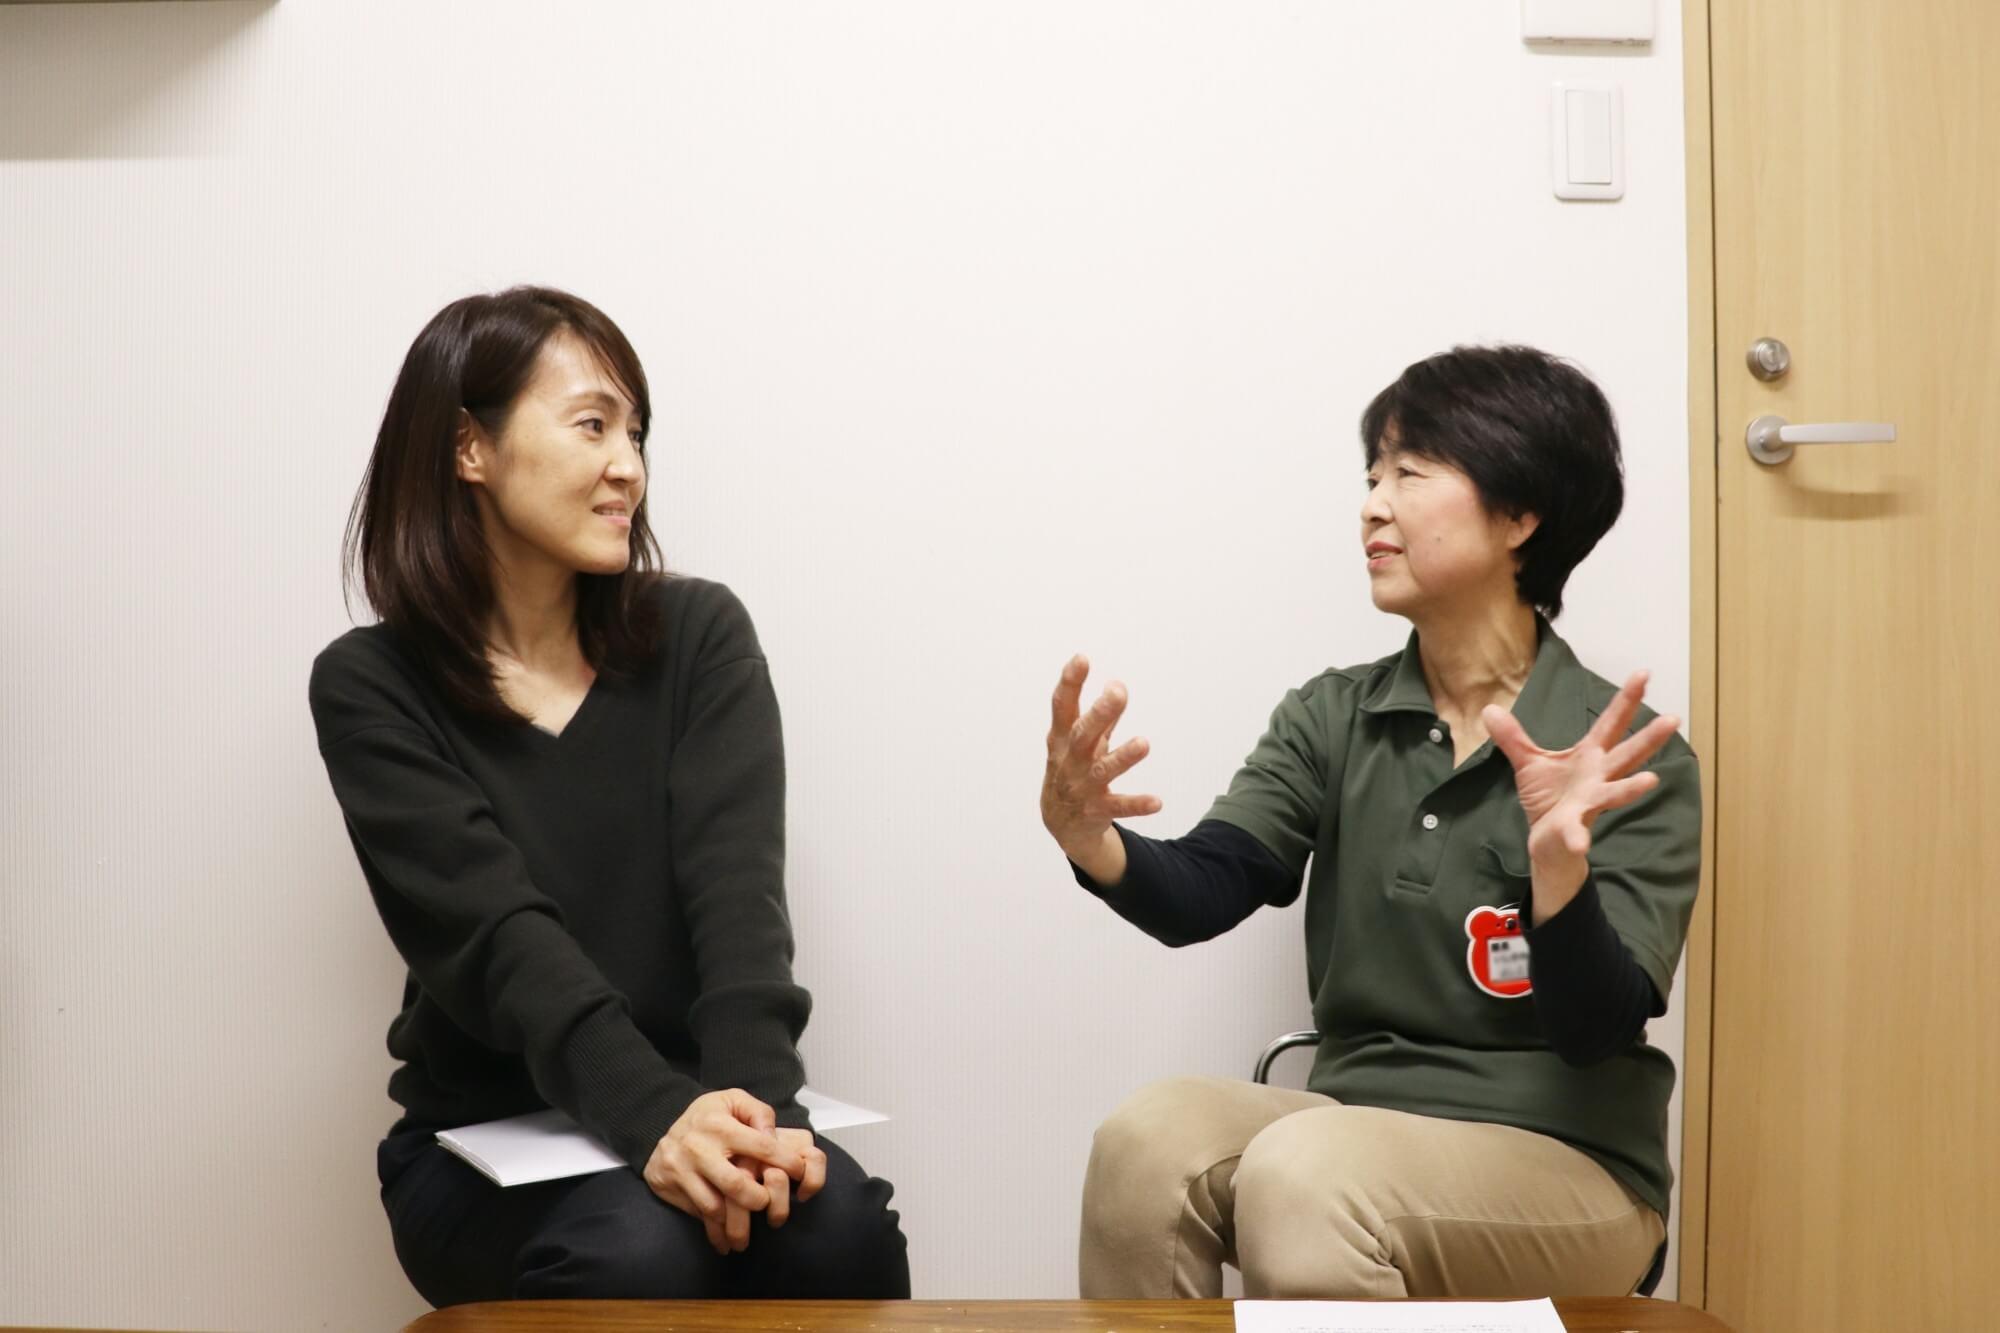 Bic Kidsについて語り合う根本さん(左)と石川園長(右)